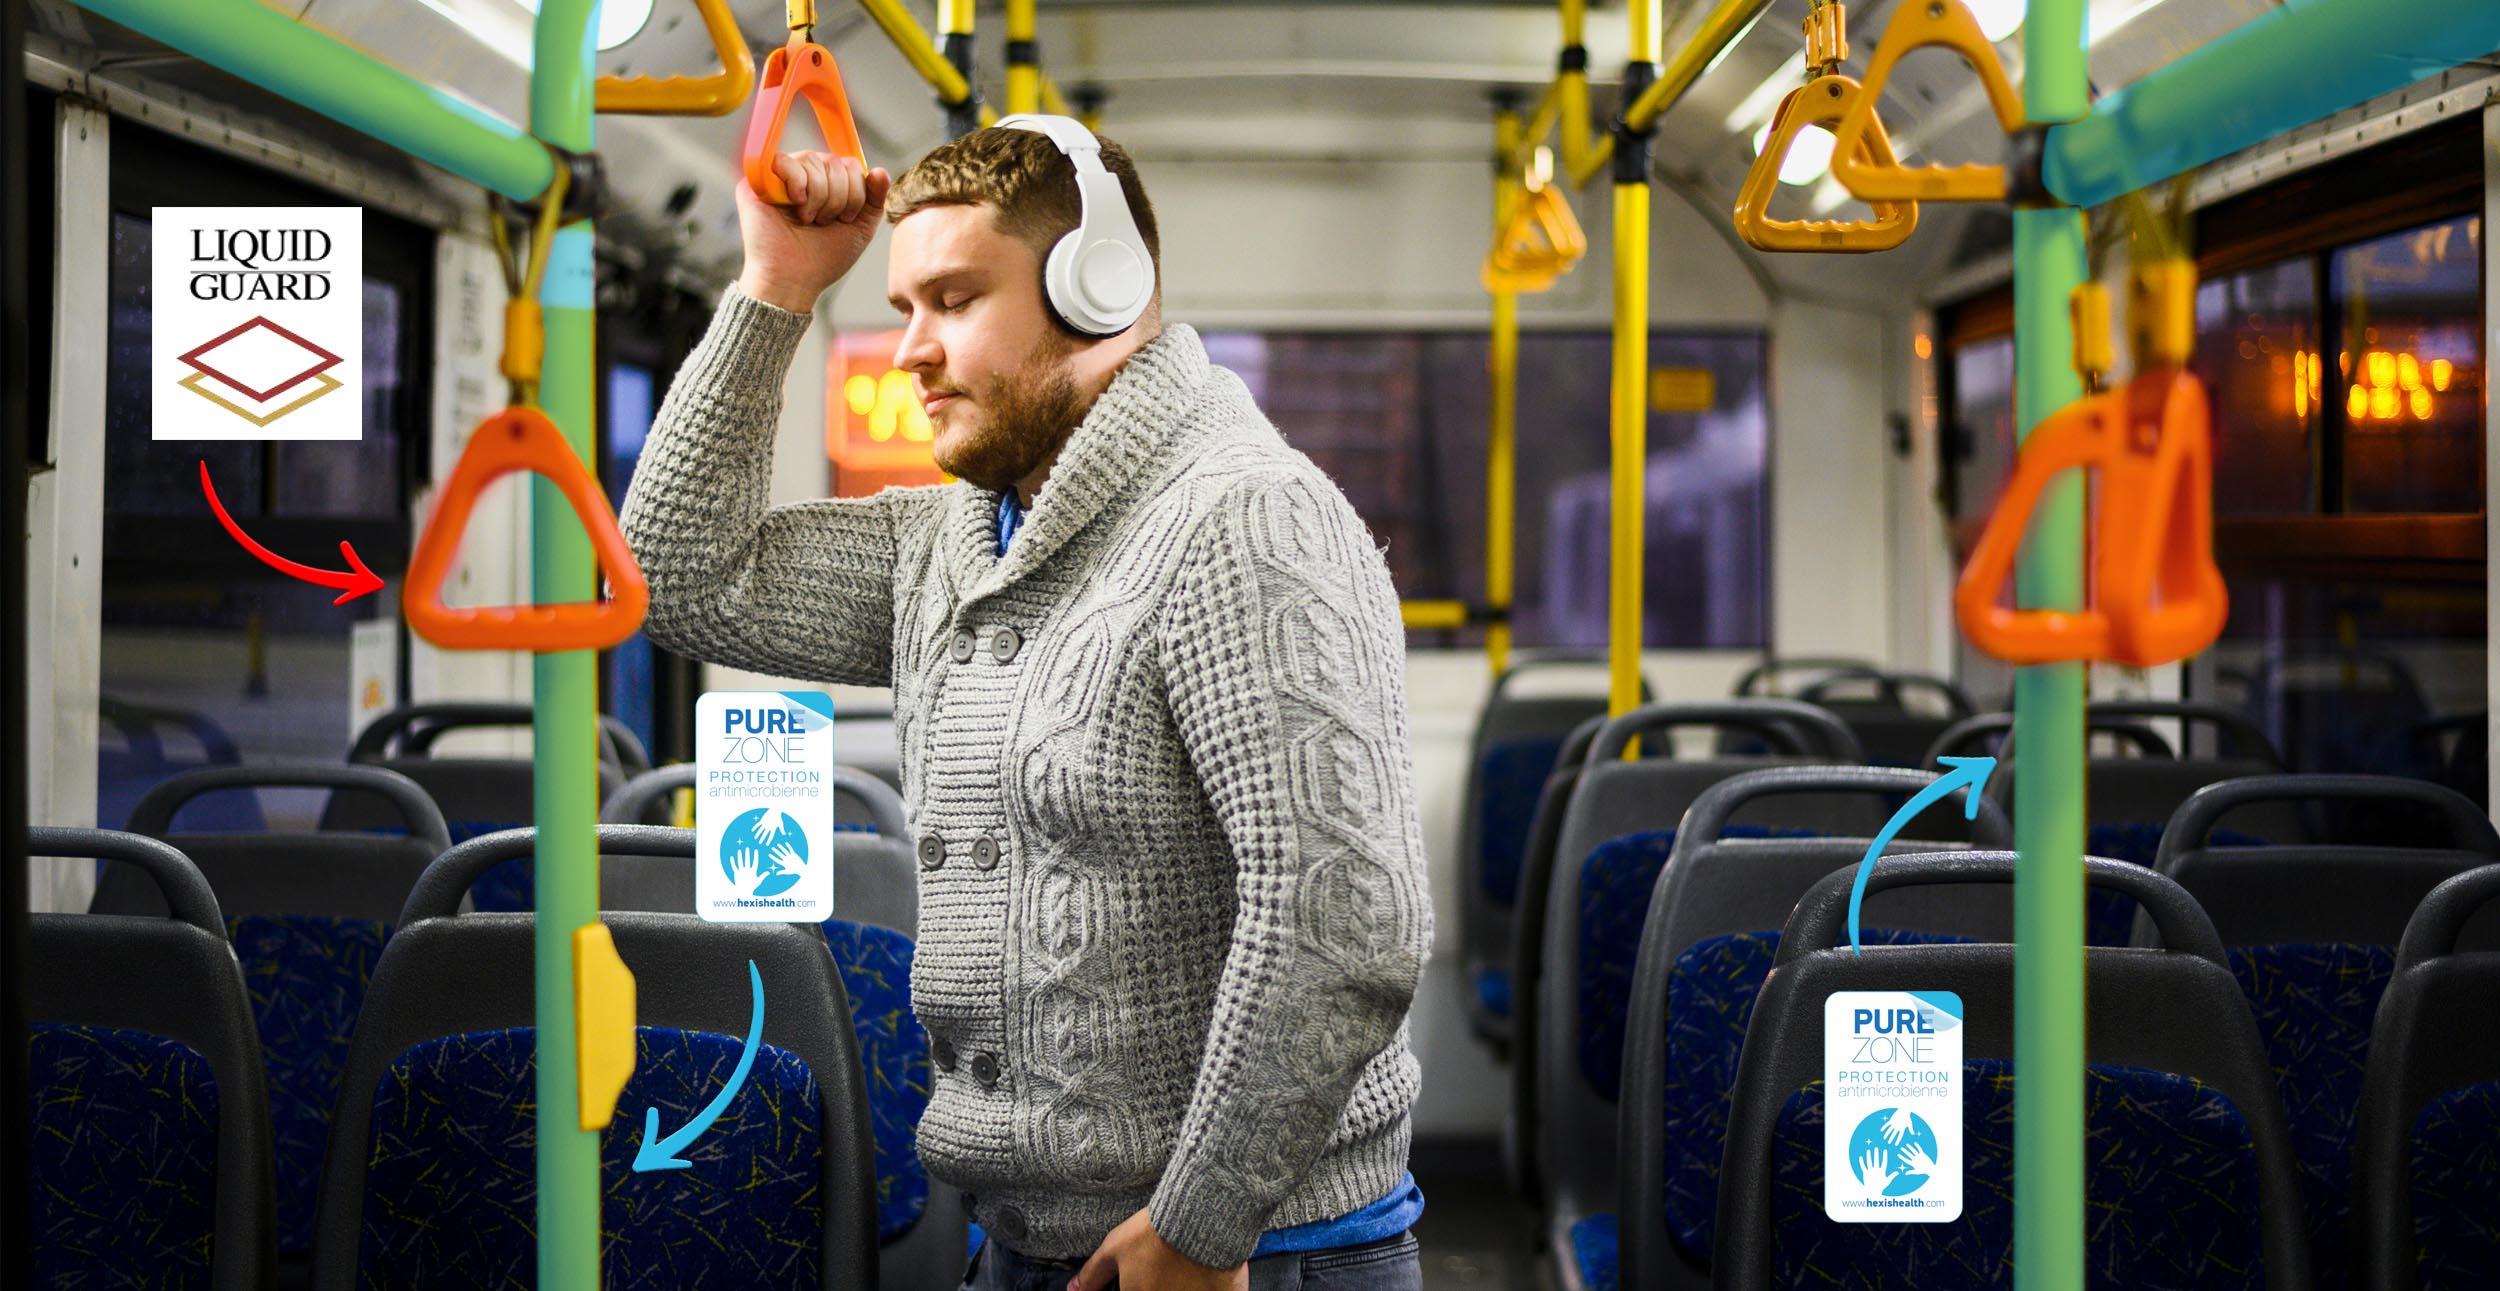 jeune homme écoutant de la musique dans un bus par freepik protection des poignées et des barres en film pure zone bactéricide